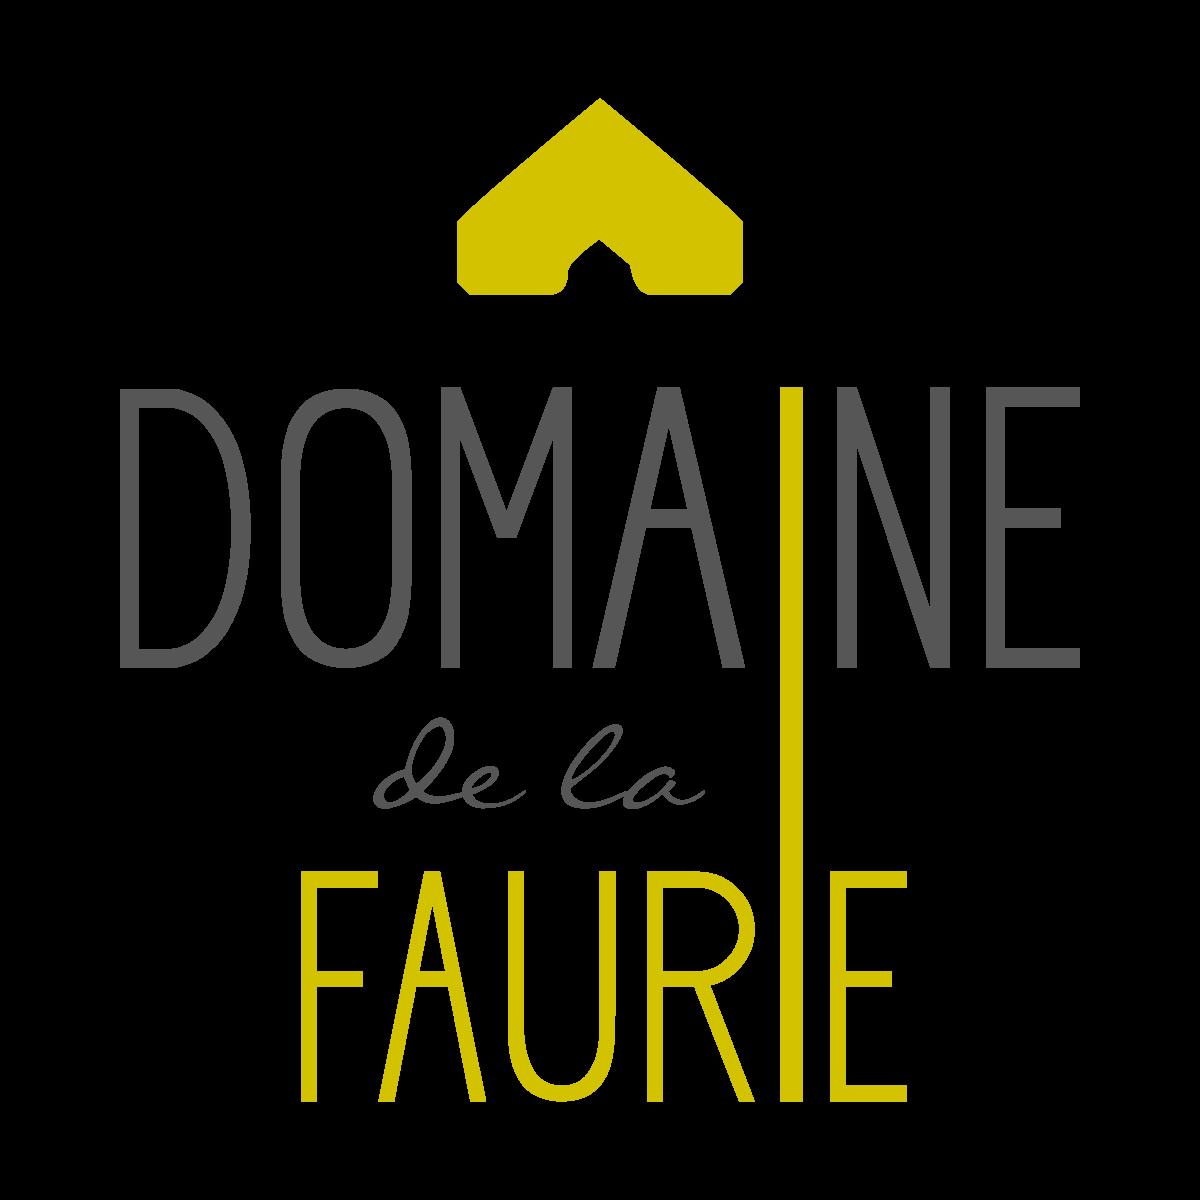 Domaine de la Faurie